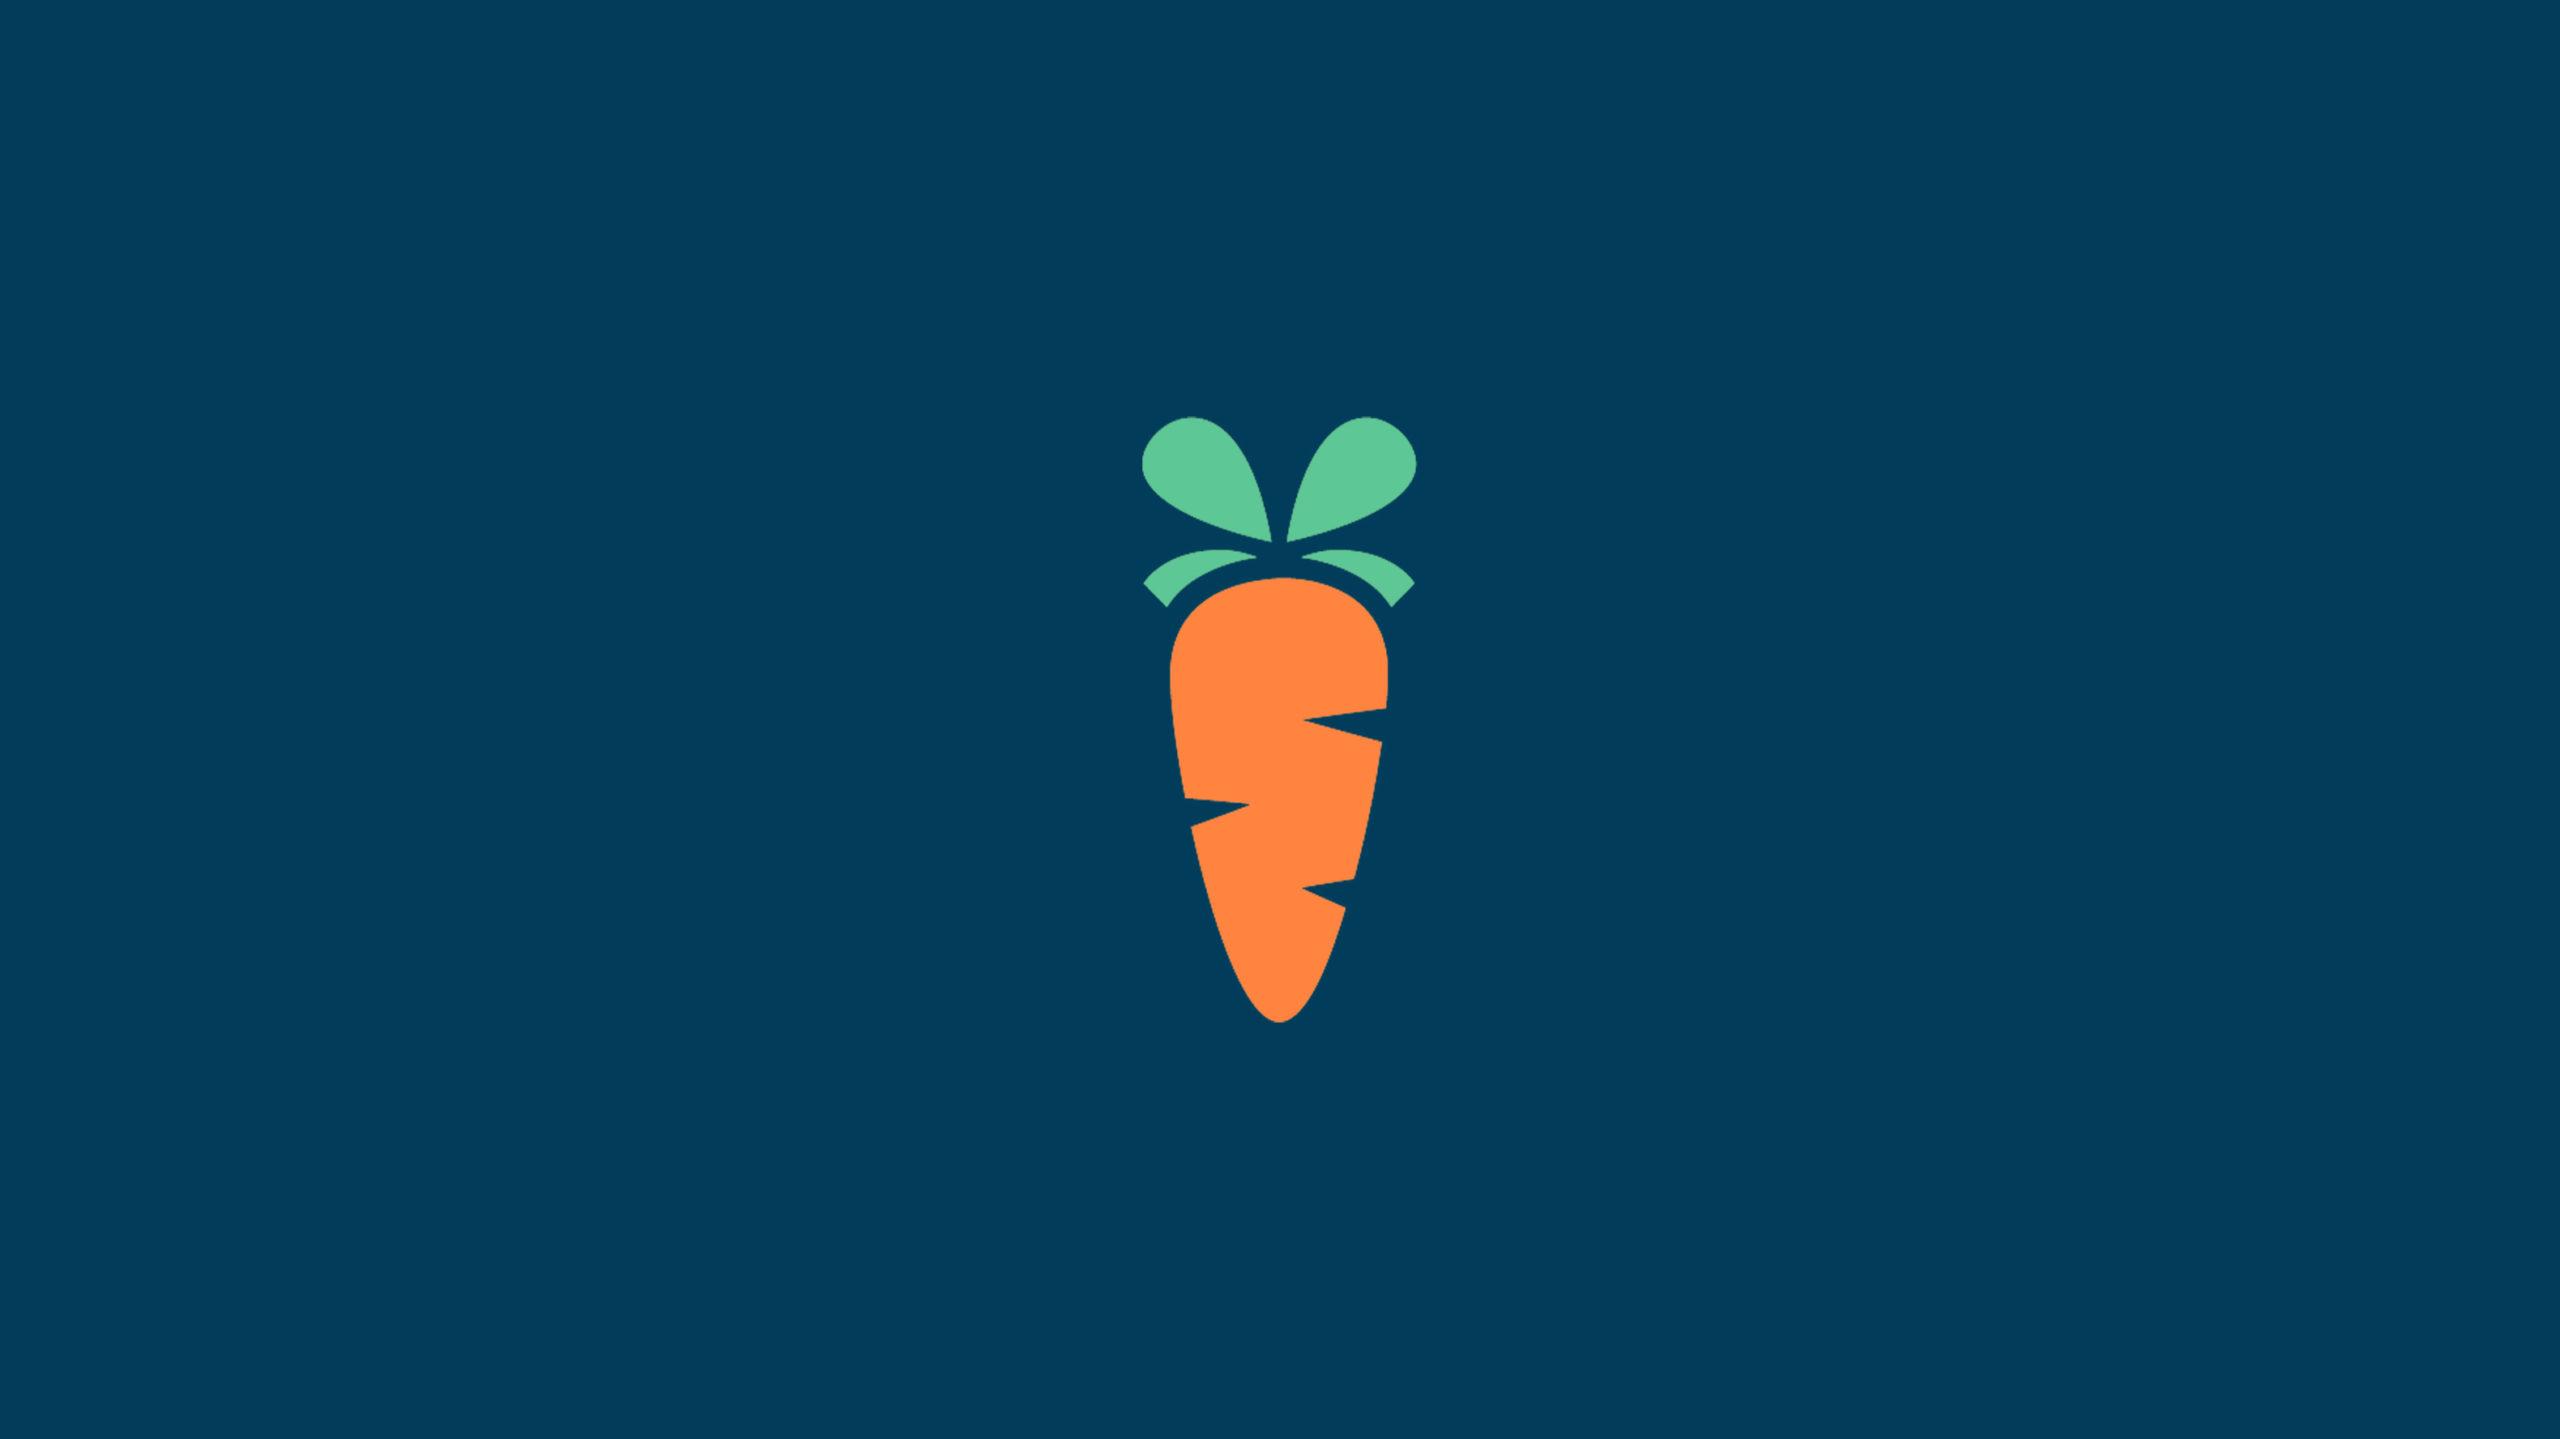 Carrot 2.0